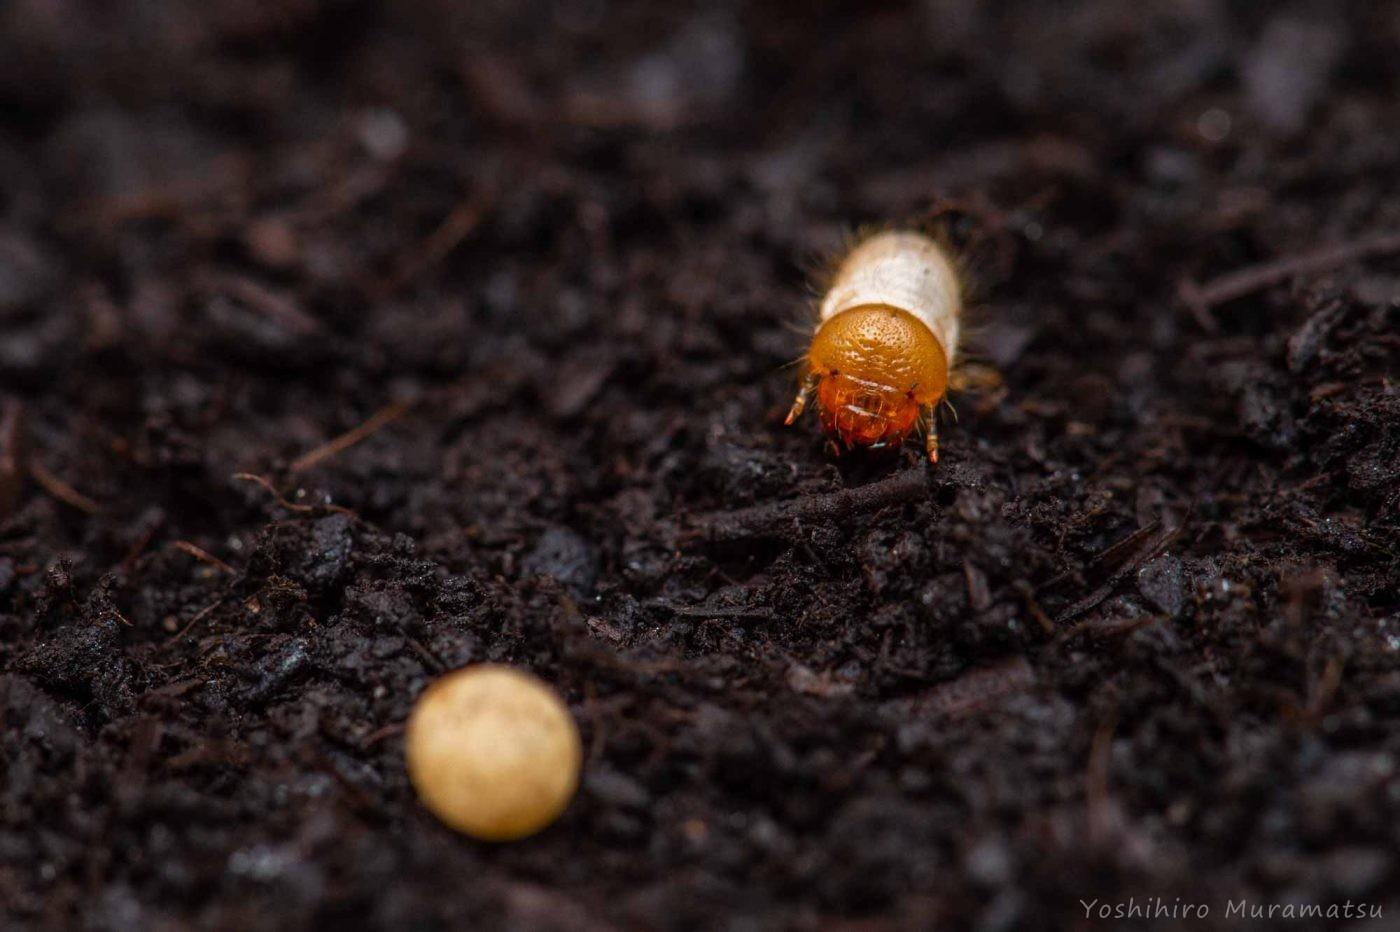 カブトムシの幼虫の写真